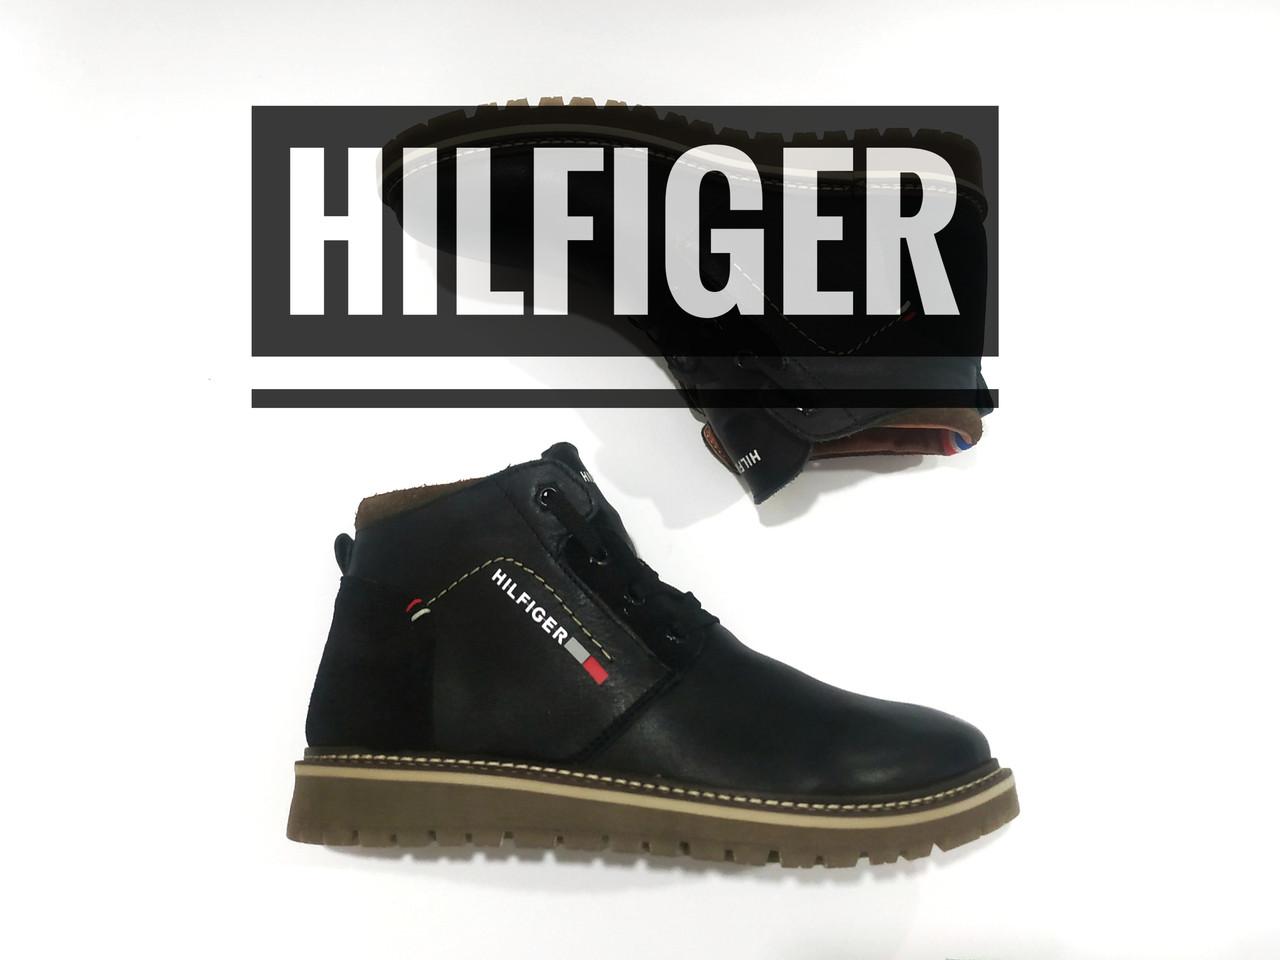 7fc012010 Распродажа! 40р. ❗ПОСЛЕДНИЙ РАЗМЕР❗ Высокие Кожаные мужские ботинки  Рантовые зимние в стиле